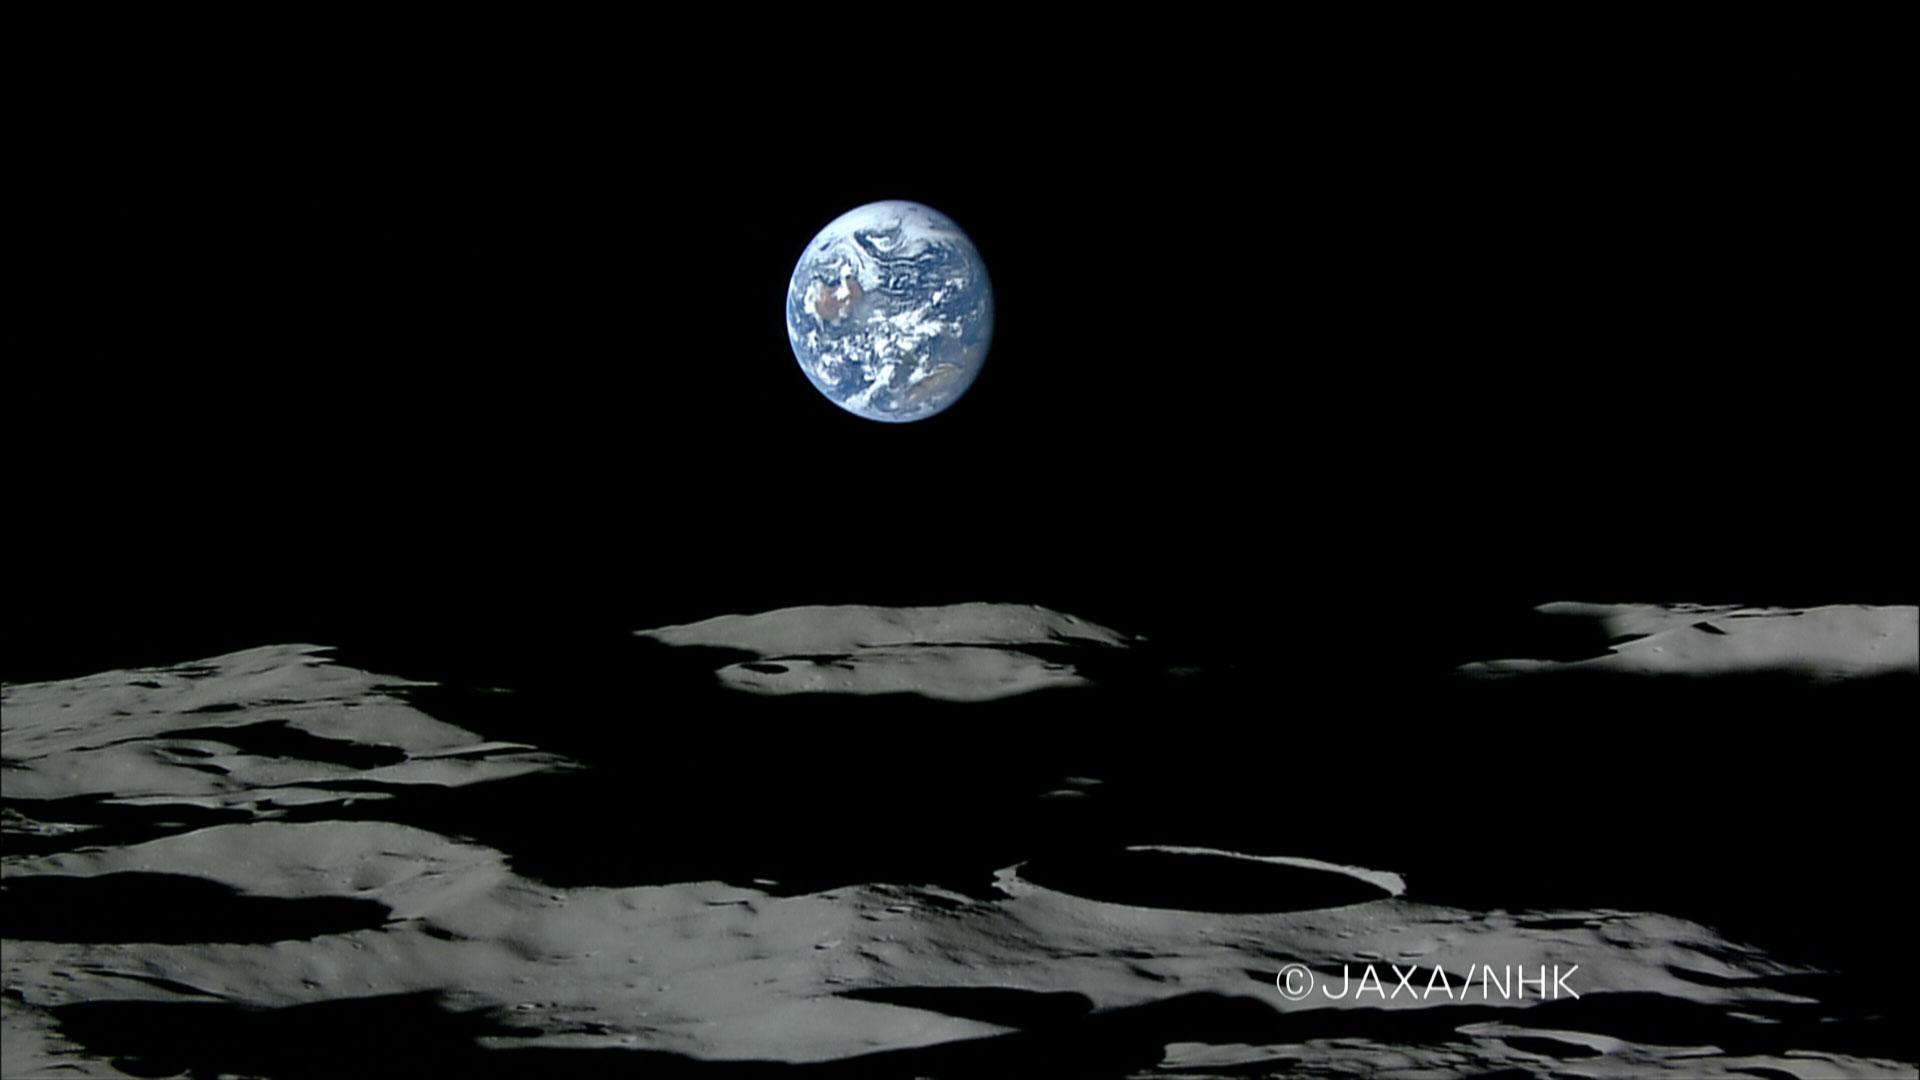 طلوع زمین از ماه، عکسی که کاوشگر کاگویا ژاپن ثبت کرده است.